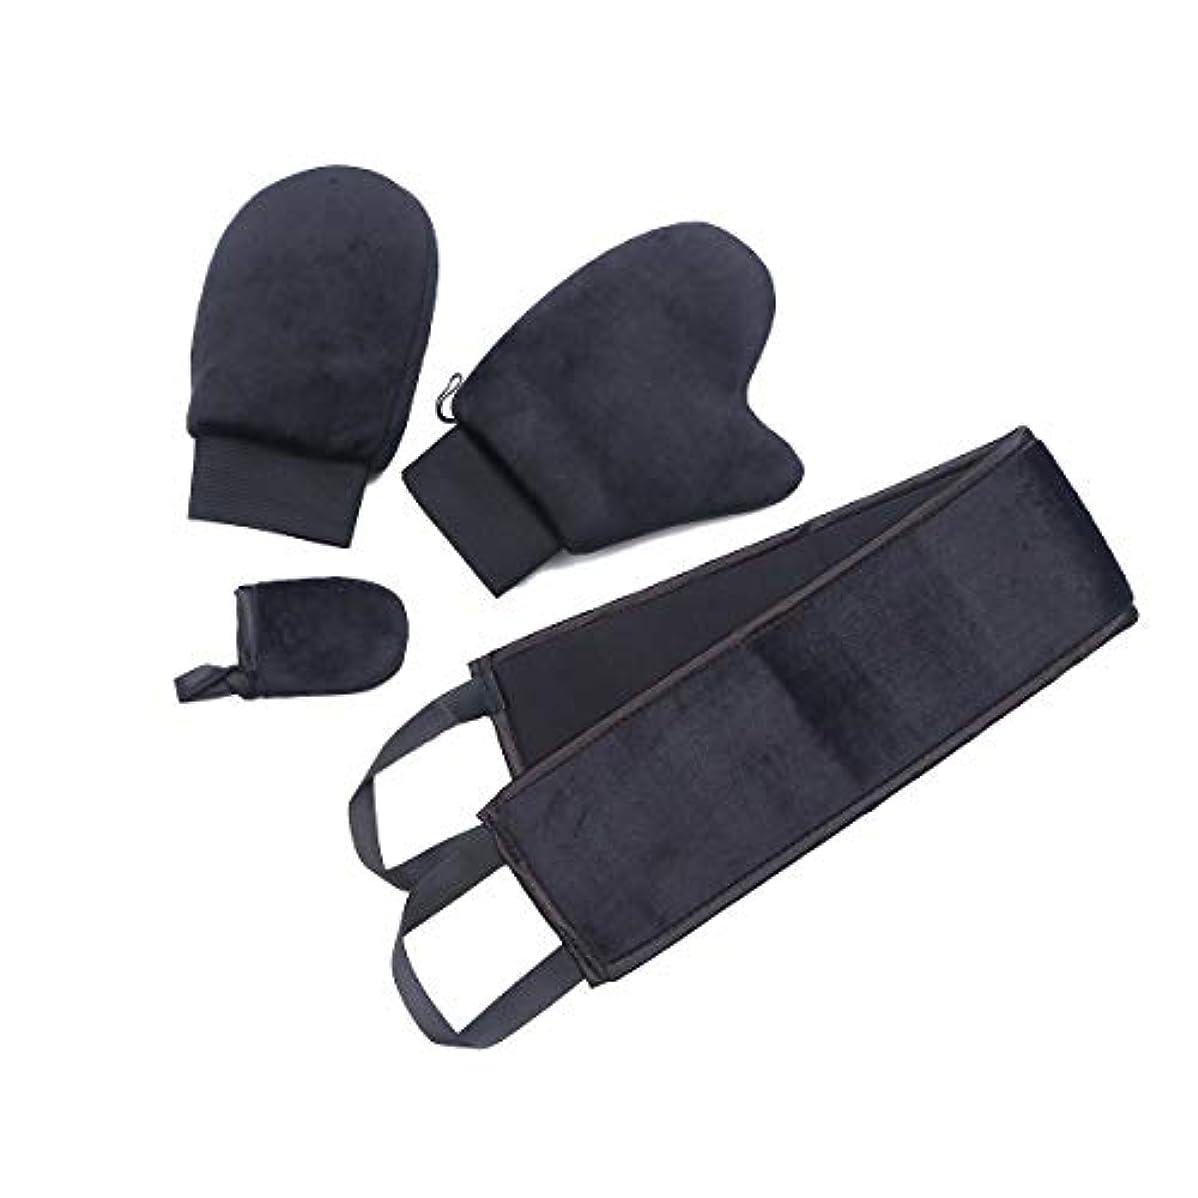 ダメージ所得ロケットSUPVOX 4ピース化粧落とし手袋こすり手袋顔面クリーニングタオル布スパミットソフト洗浄ツール